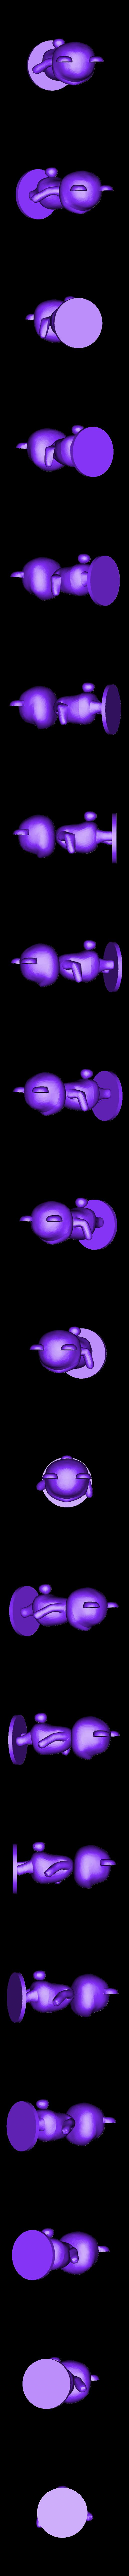 megan_full.stl Download free STL file Megan - Animal Crossing • 3D printable model, skelei